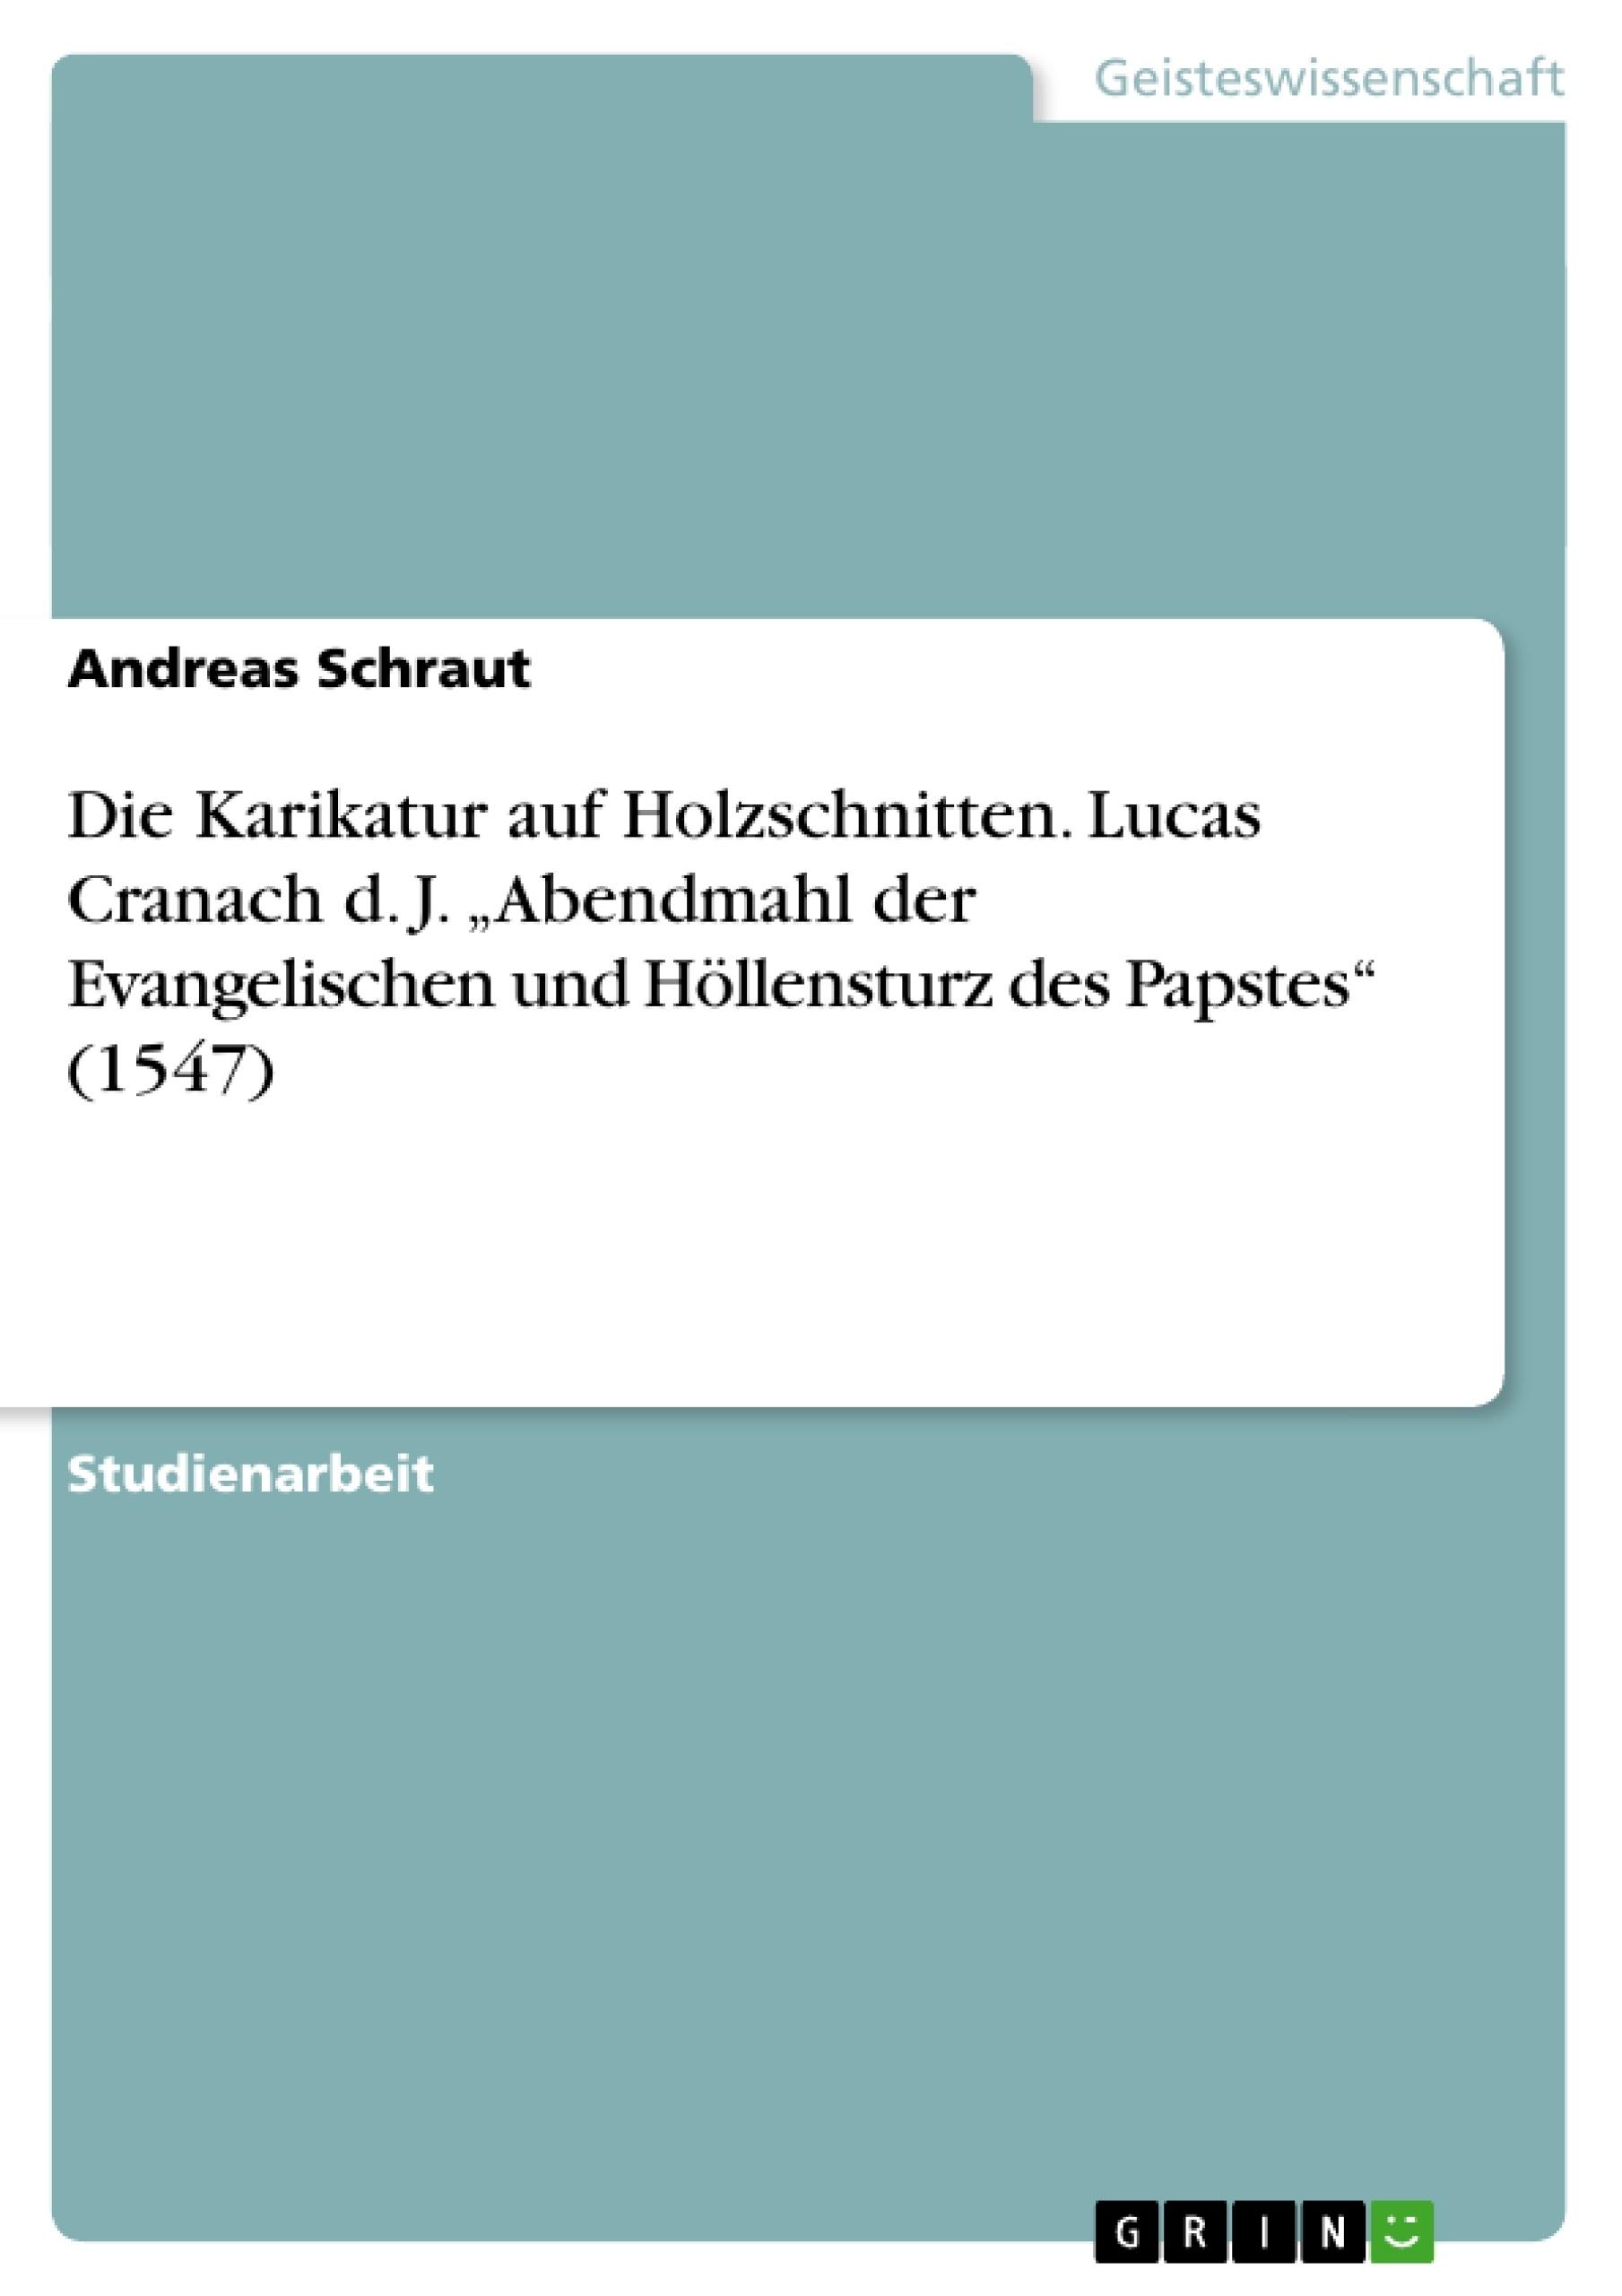 """Titel: Die Karikatur auf Holzschnitten. Lucas Cranach d. J. """"Abendmahl der Evangelischen und Höllensturz des Papstes"""" (1547)"""